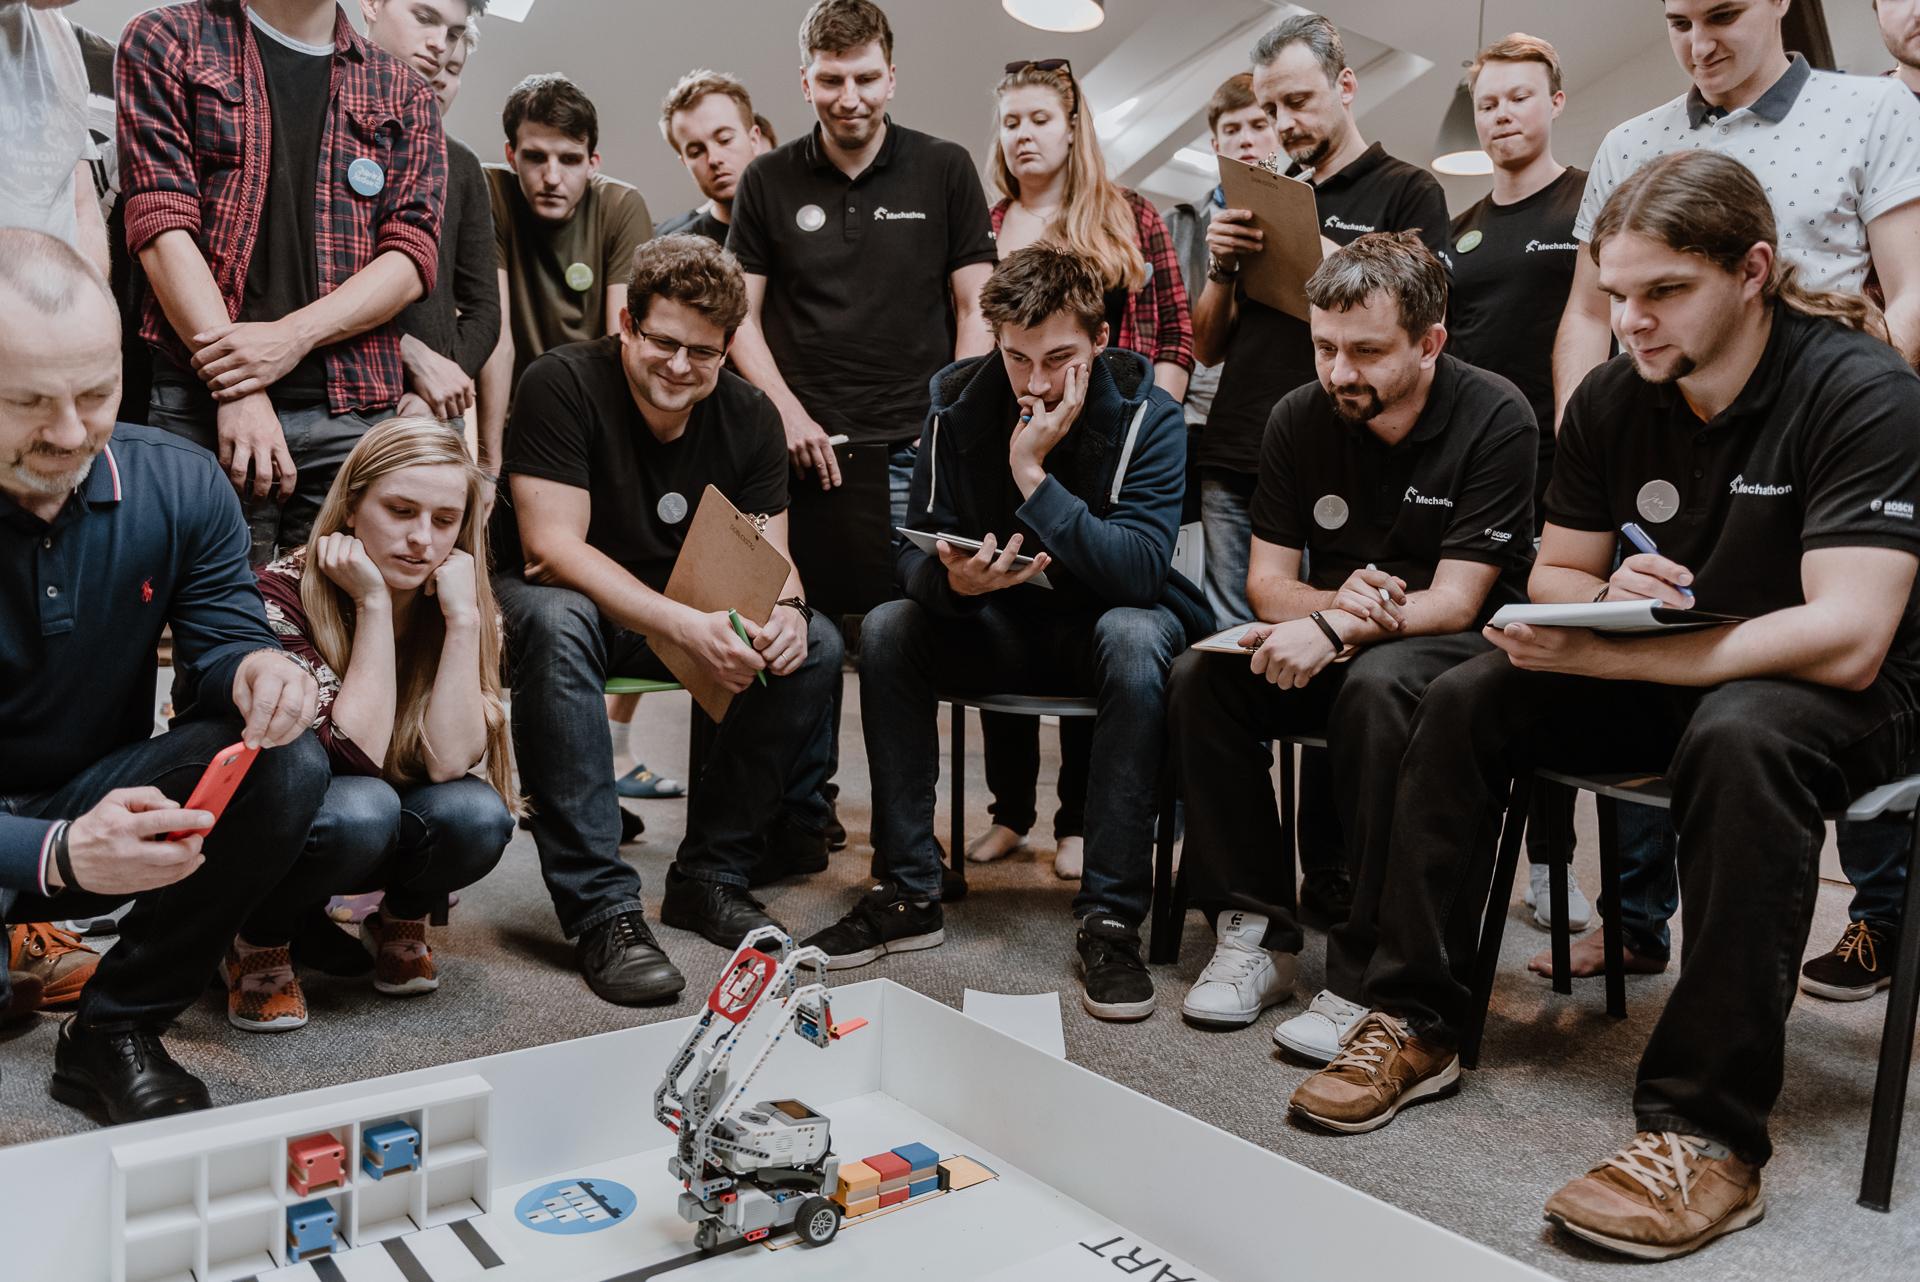 Celou akci mentorovali zkušení odborníci z řad zaměstnanců Bosch.